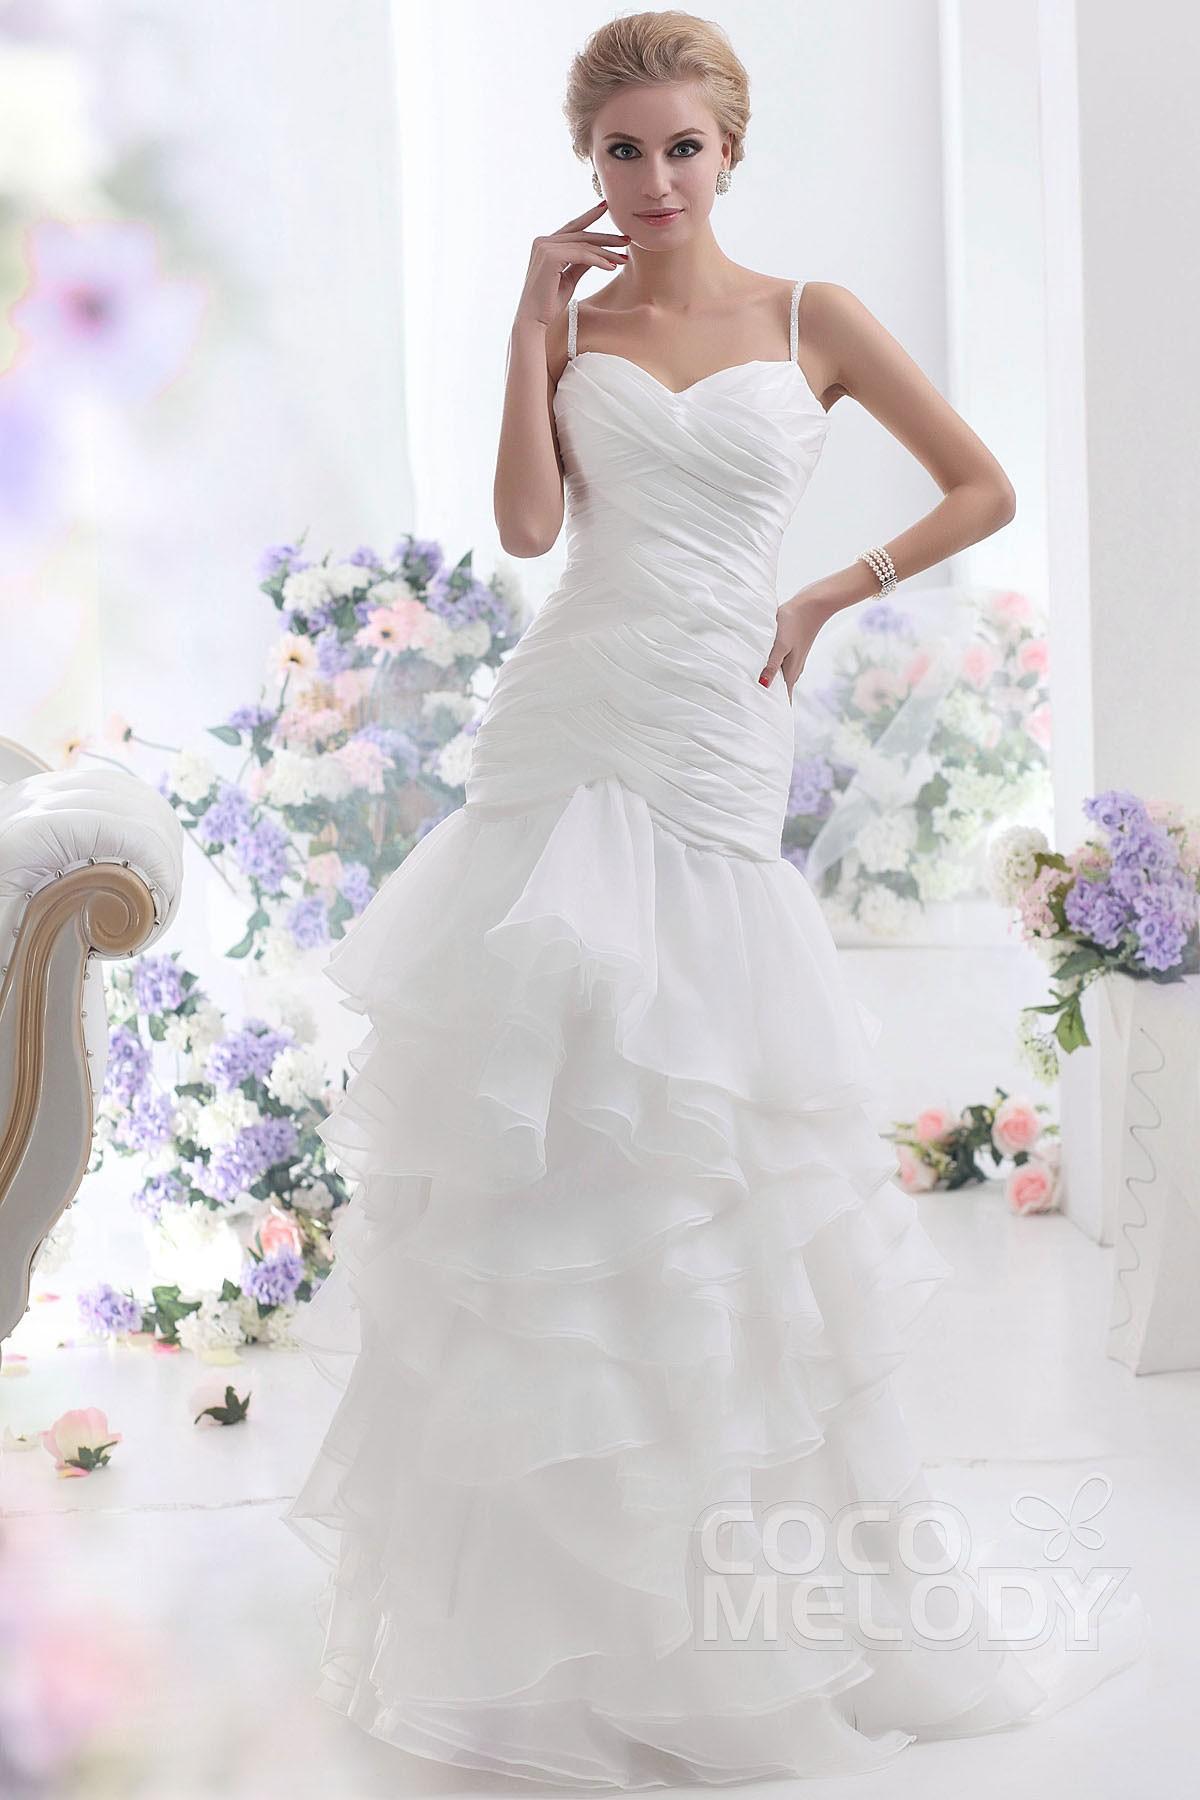 Sheath-Column Train Organza Wedding Dress CWLF13003   Cocomelody